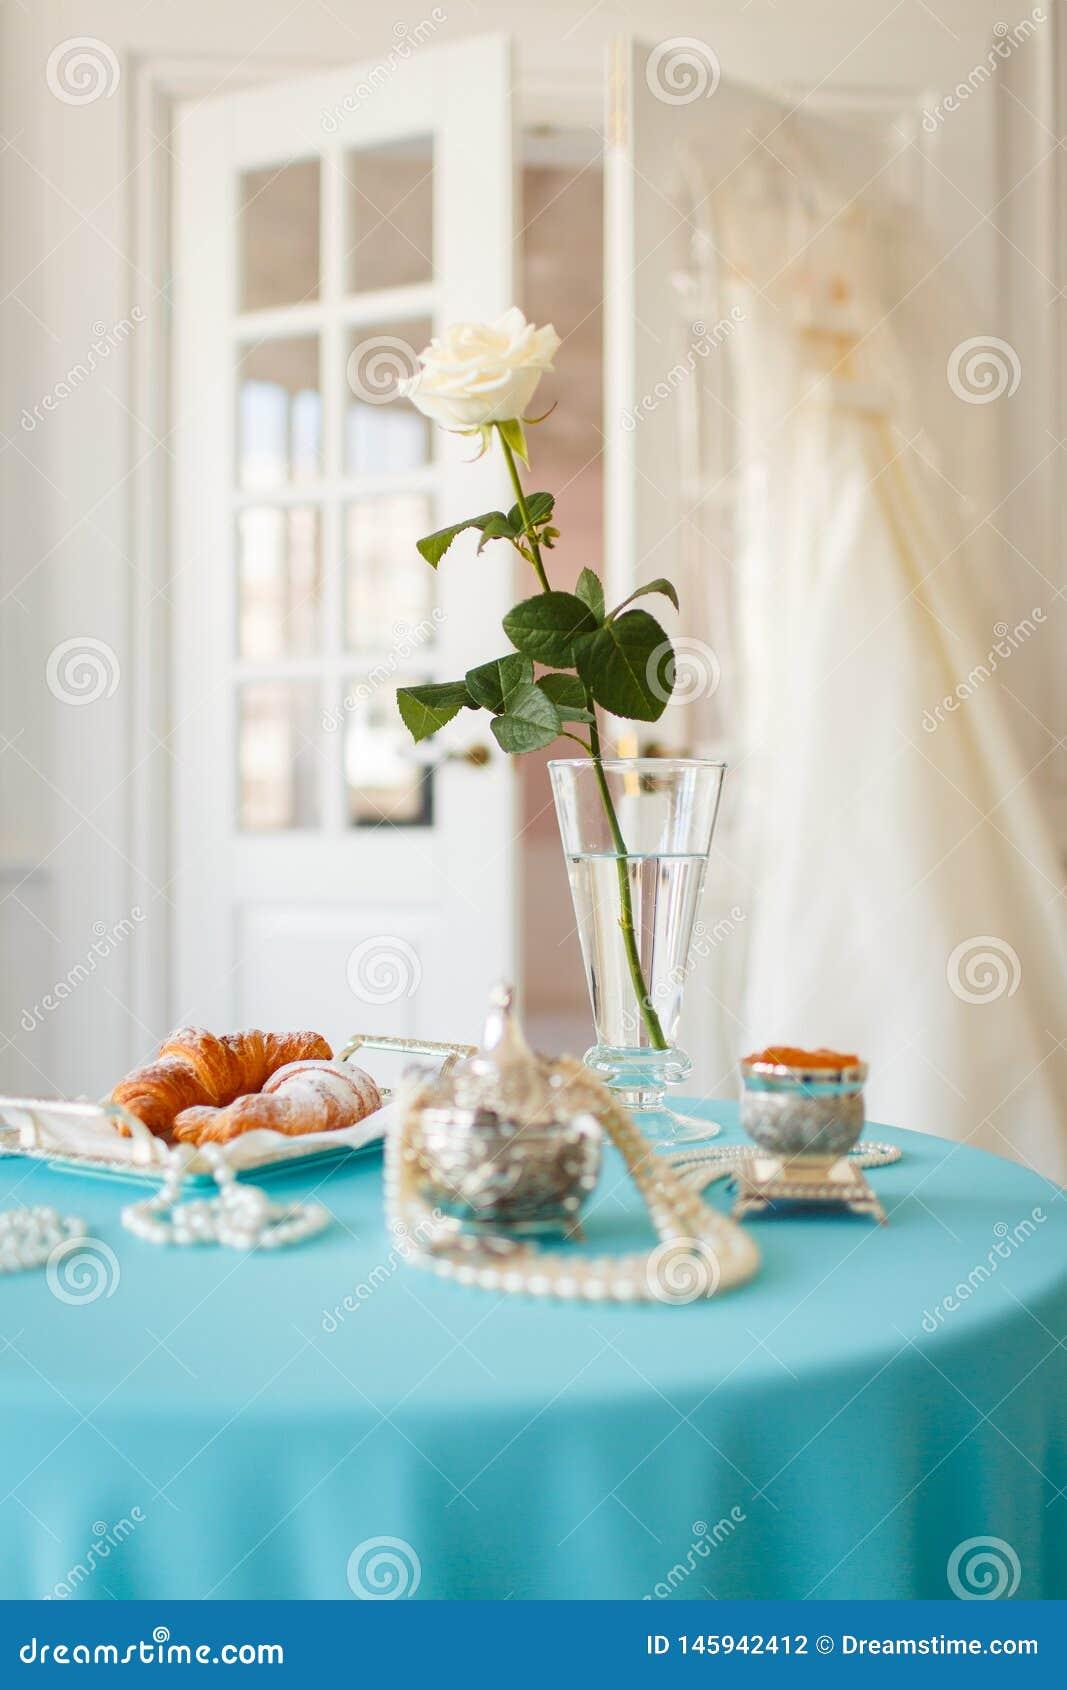 Sulla tavola in una rosa bianca e nelle decorazioni del vaso